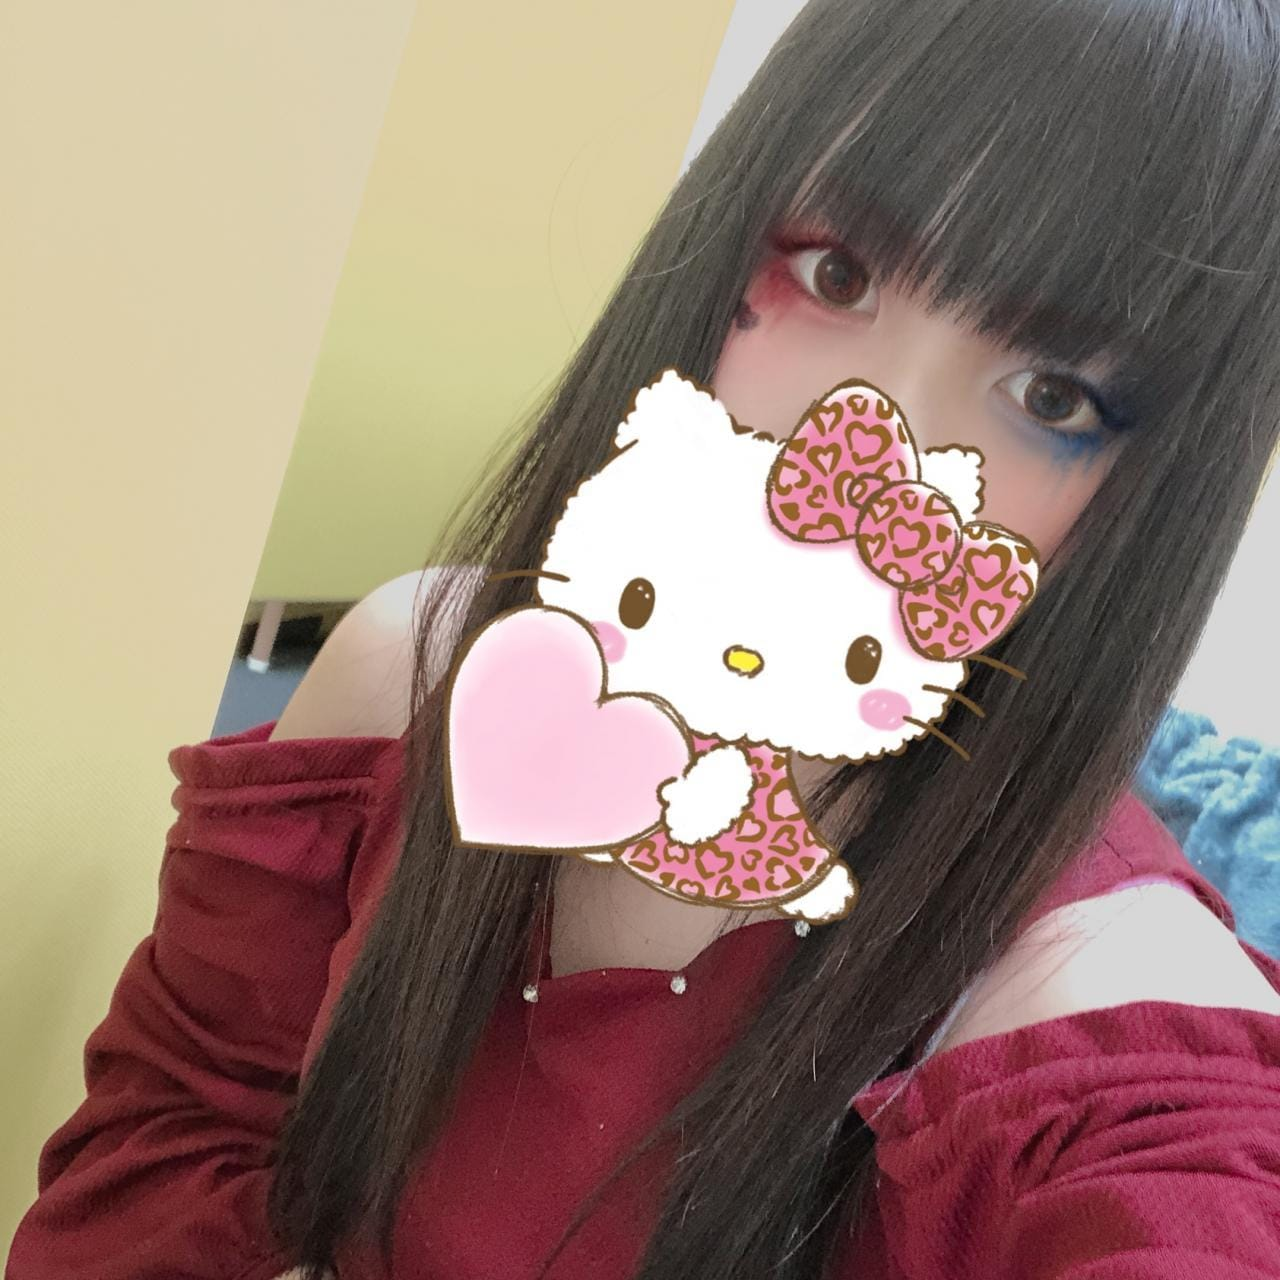 「(  _  )」12/06(12/06) 20:06 | ☆りえ(22)☆の写メ・風俗動画